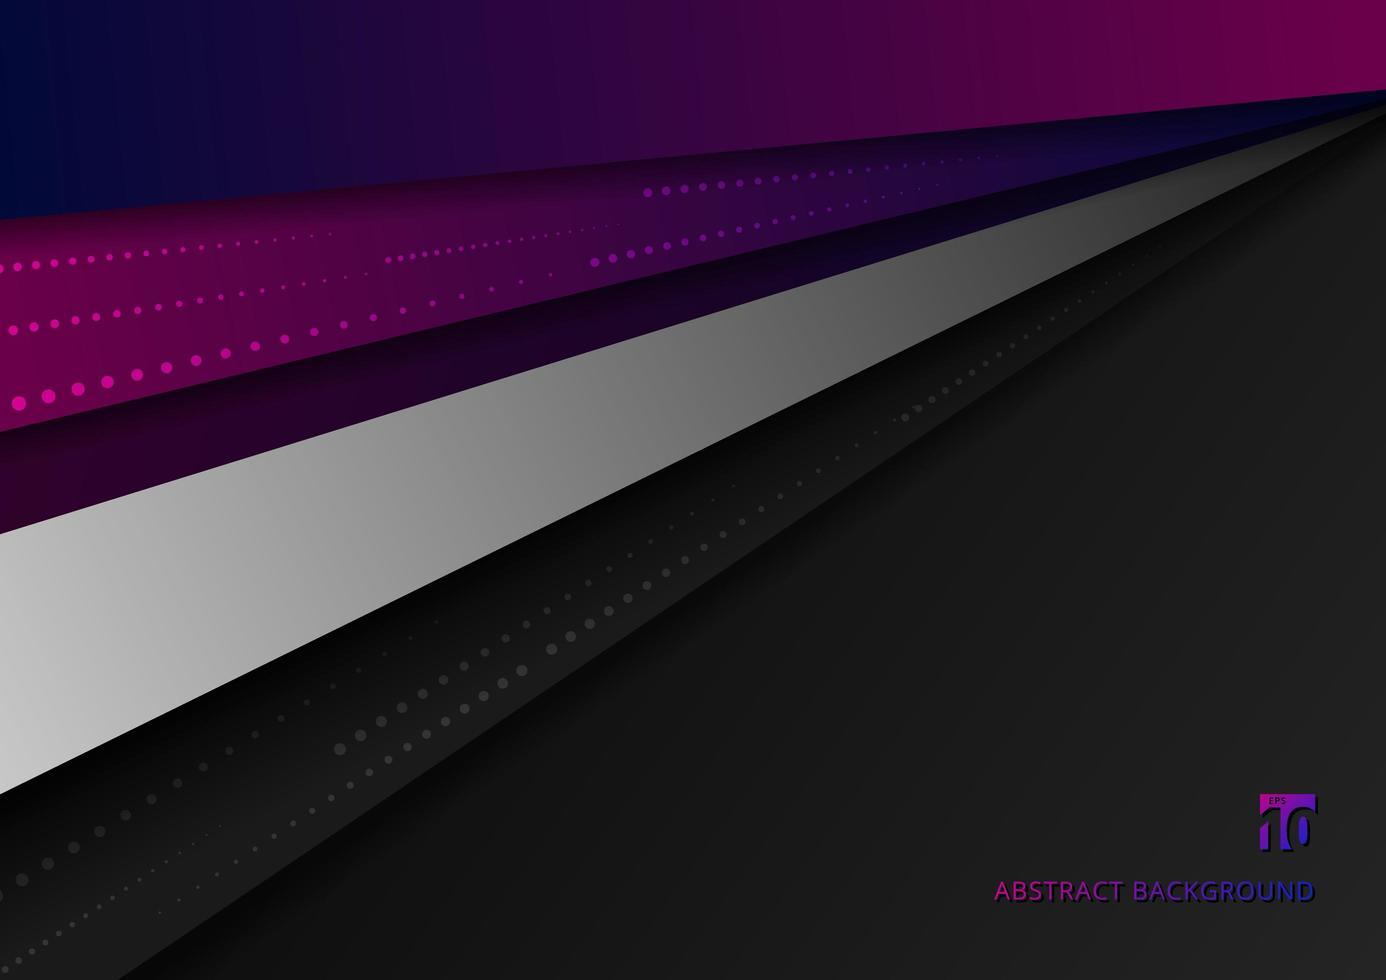 geometrische überlappende Dimensionsschichten des abstrakten rosa und blauen auf schwarzem Hintergrund. vektor